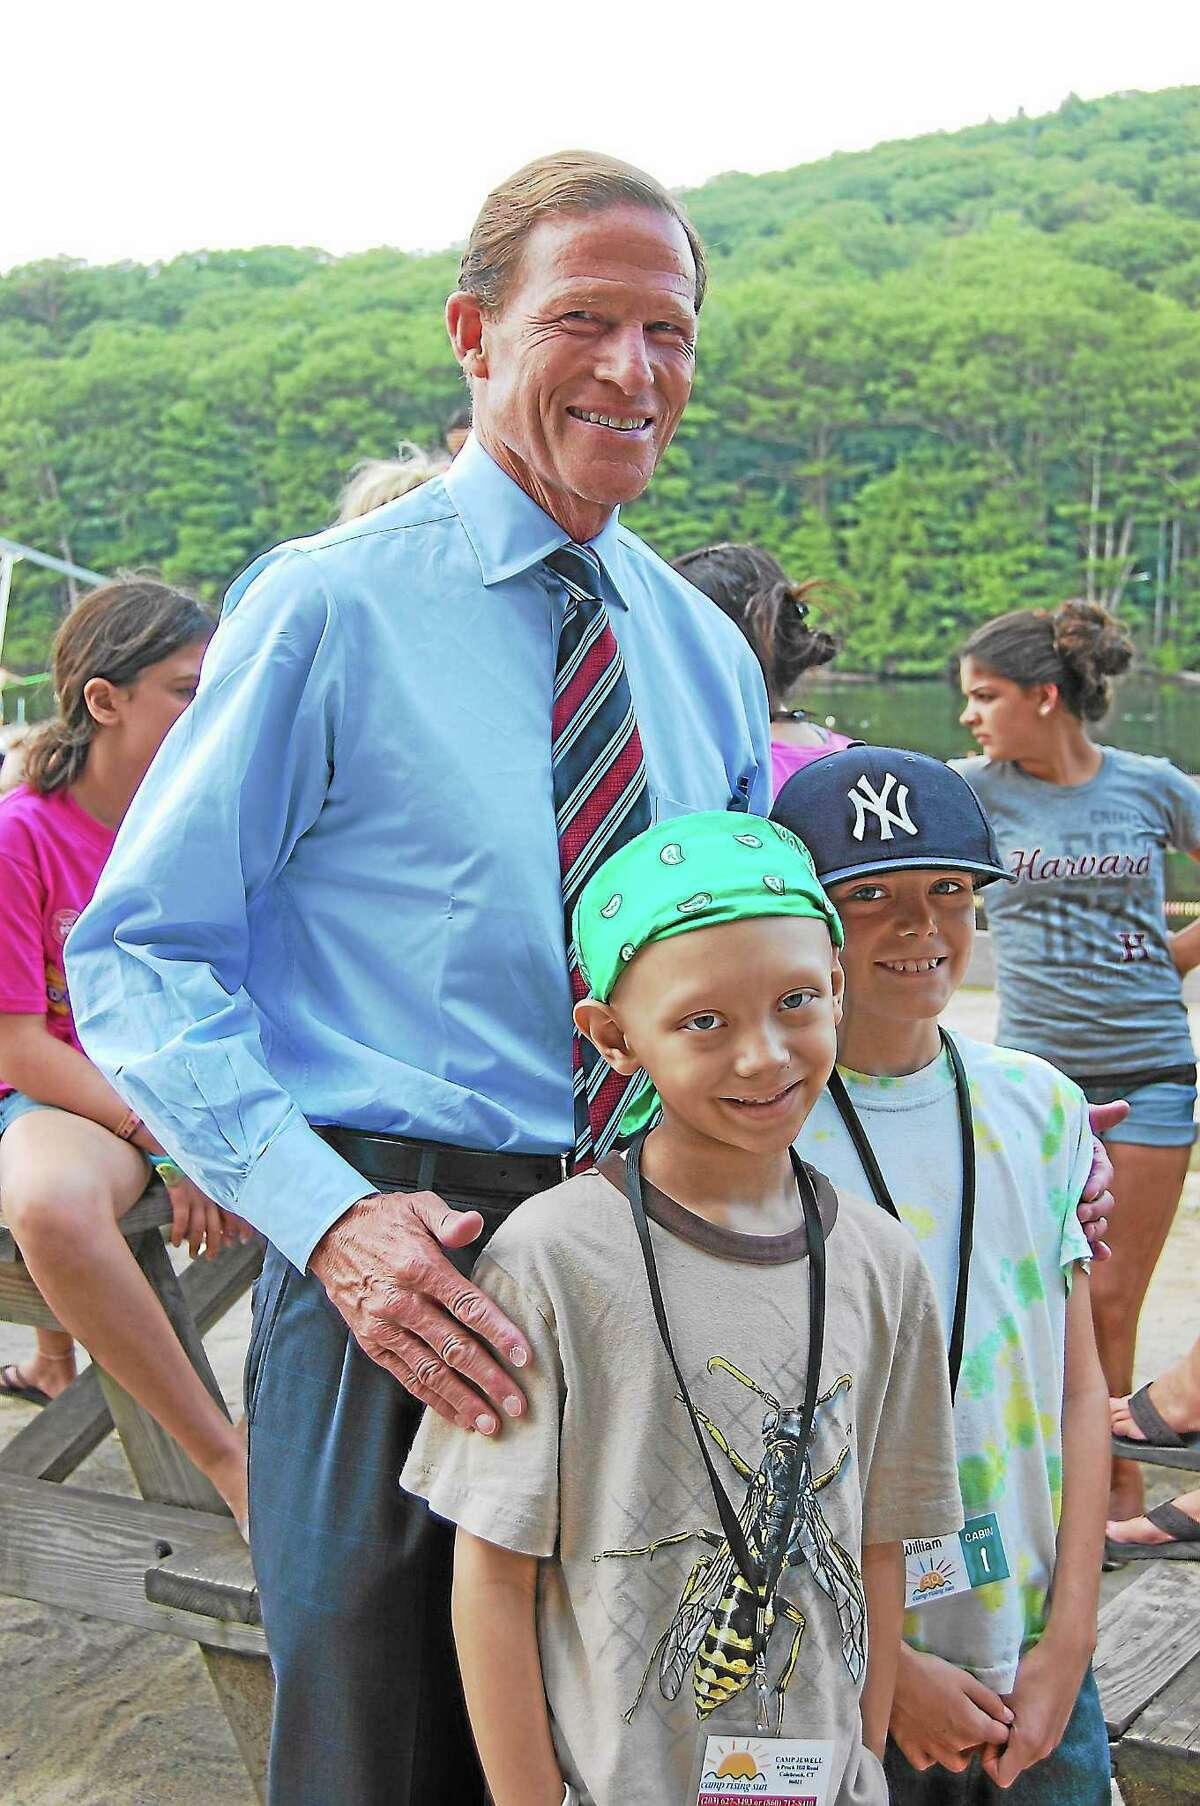 U.S. Sen. Richard Blumenthal visited Colebrook's Camp Rising Sun, a camp for childhood cancer survivors, on Aug. 22.